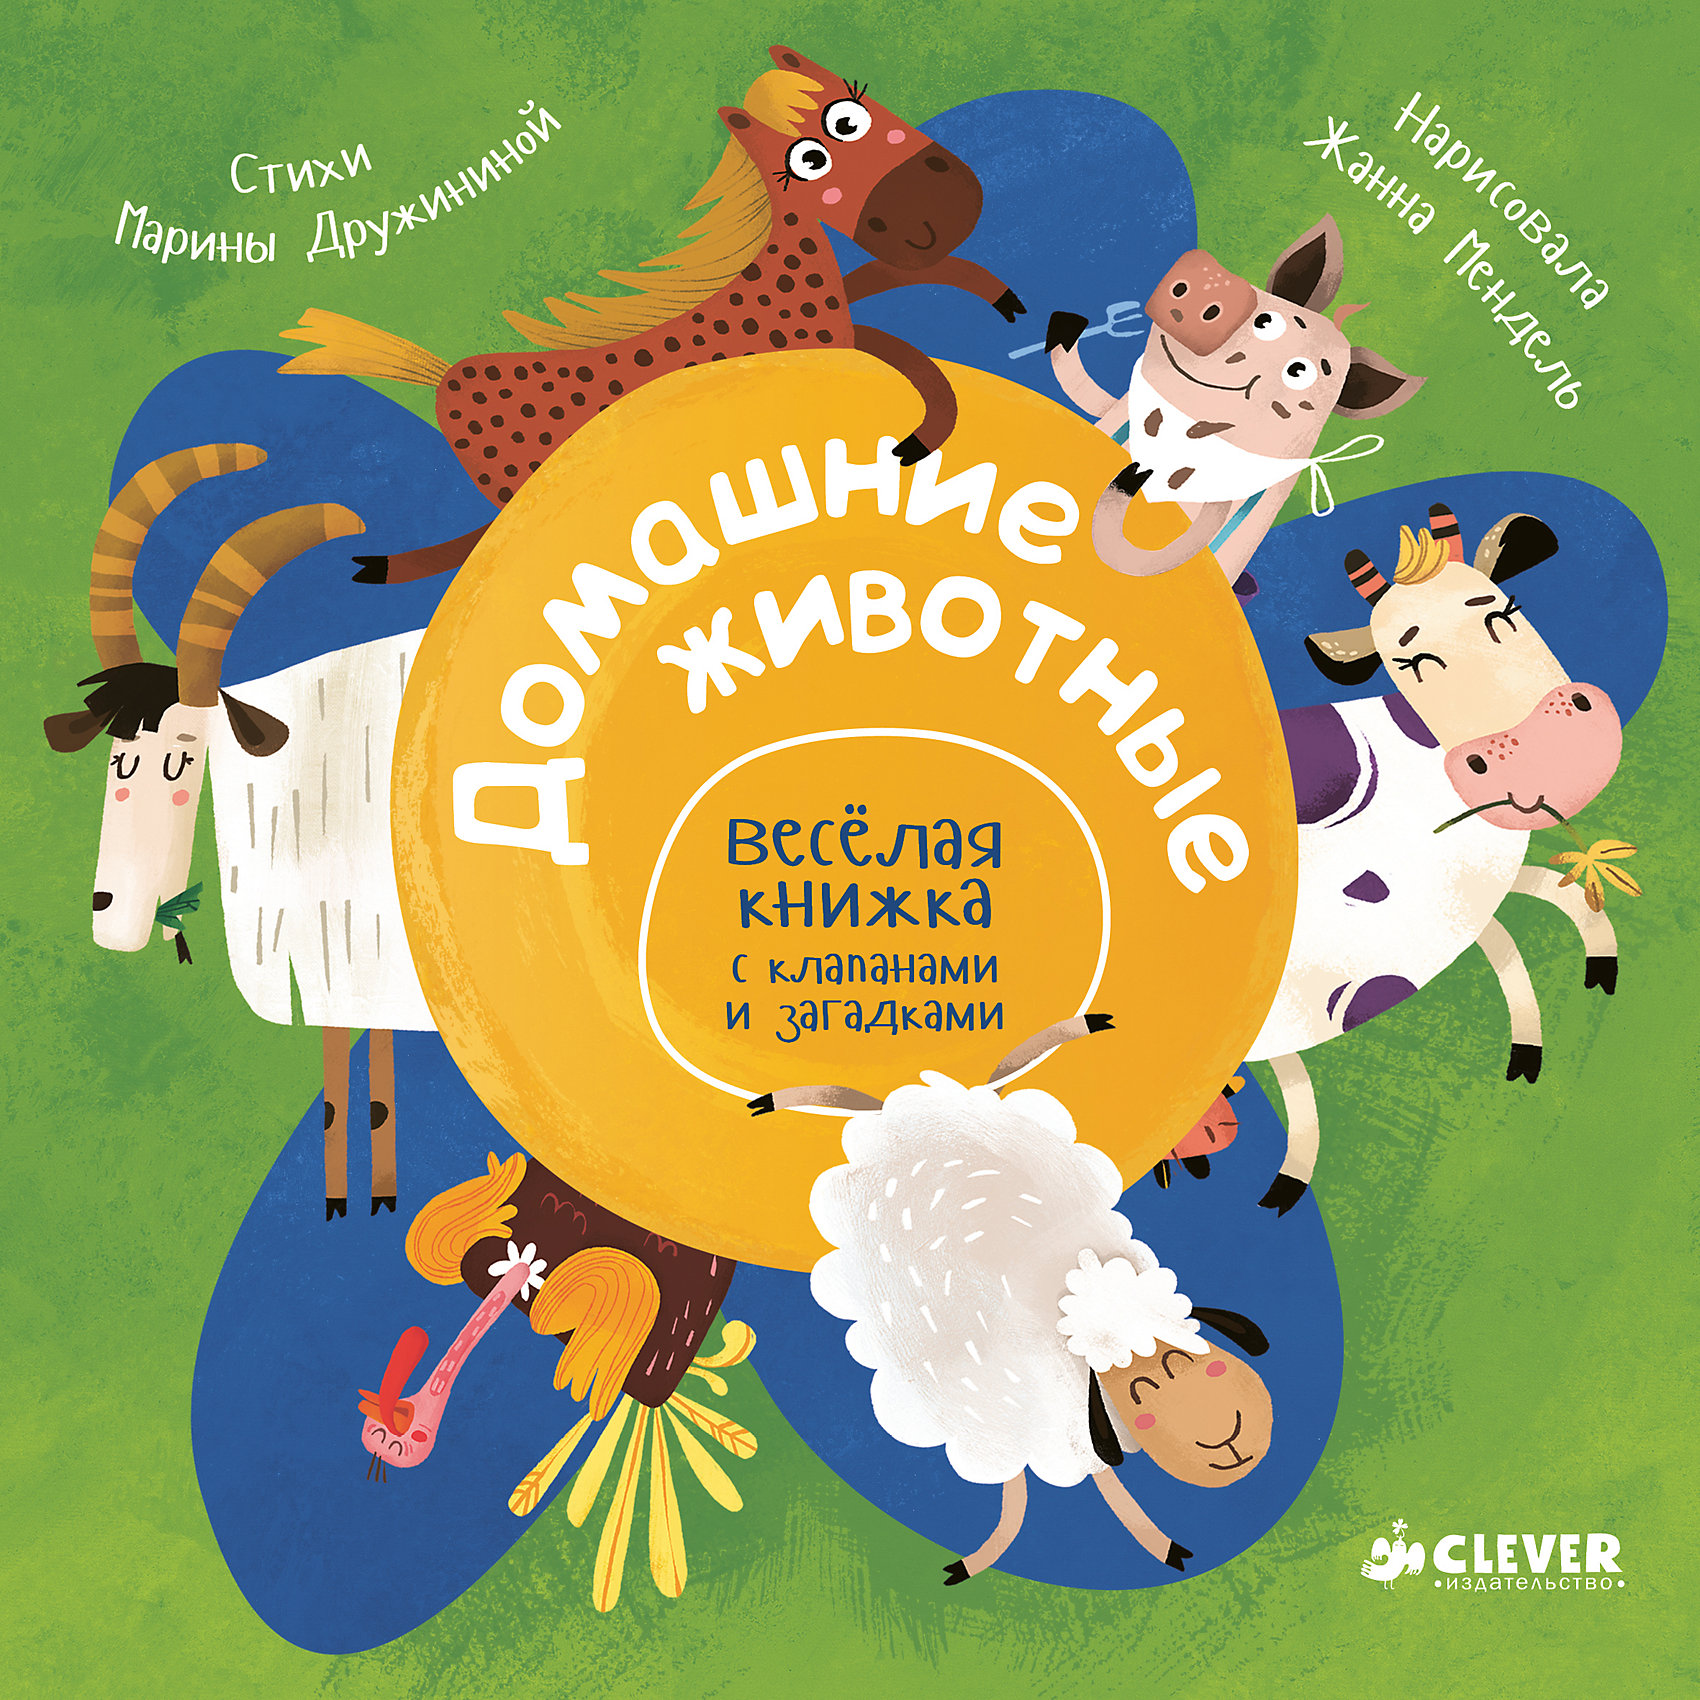 Домашние животные, М. Дружинина, Весёлая книжка с клапанами и загадкамиКниги с окошками<br>Домашние животные, М. Дружинина, Весёлая книжка с клапанами и загадками<br><br>Характеристики:<br><br>• ISBN: 978-5-906838-46-9<br>• Кол-во страниц: 14<br>• Возраст: 3-5 лет<br>• Формат: а5<br>• Размер книги: 199x200x9 мм<br>• Бумага: картон<br>• Вес: 233 г<br>• Обложка: картон<br><br>Эта красочная книга познакомит вашего ребенка с различными видами домашних животных. Расскажет о том, чем они питаются, как разговаривают и какой нужен уход. В книге содержатся клапаны, загадки и легко запоминающиеся стихи. Изучая эту книгу ребенок сможет развить свою память и мелкую моторику.<br> <br>Домашние животные, М. Дружинина, Весёлая книжка с клапанами и загадками можно купить в нашем интернет-магазине.<br><br>Ширина мм: 200<br>Глубина мм: 200<br>Высота мм: 5<br>Вес г: 230<br>Возраст от месяцев: 0<br>Возраст до месяцев: 36<br>Пол: Унисекс<br>Возраст: Детский<br>SKU: 5377771